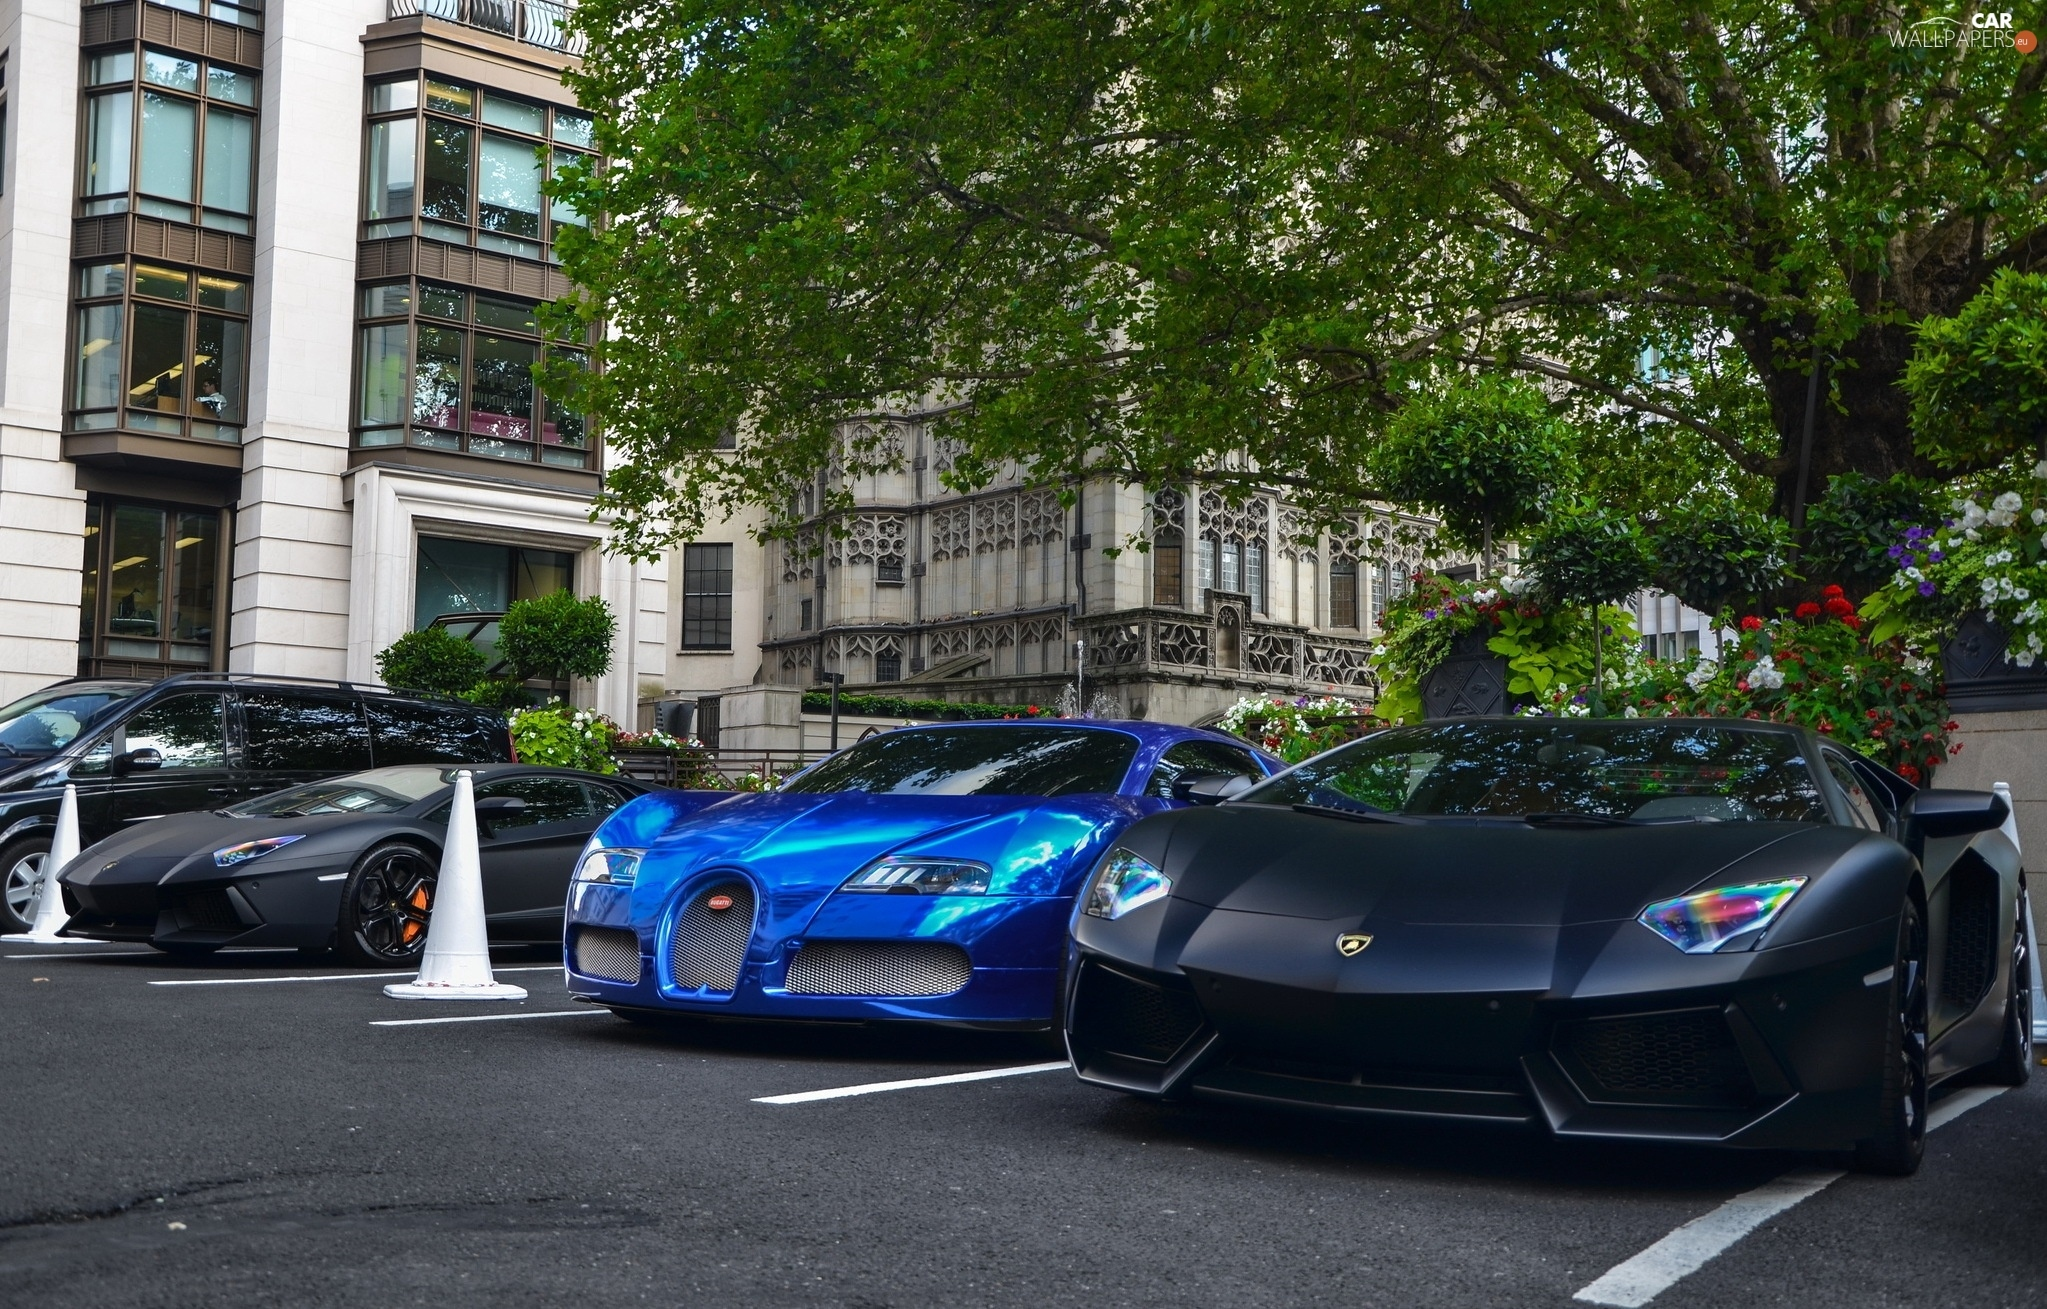 Blue Black Lamborghini Aventador Bugatti Veyron Cars Wallpapers